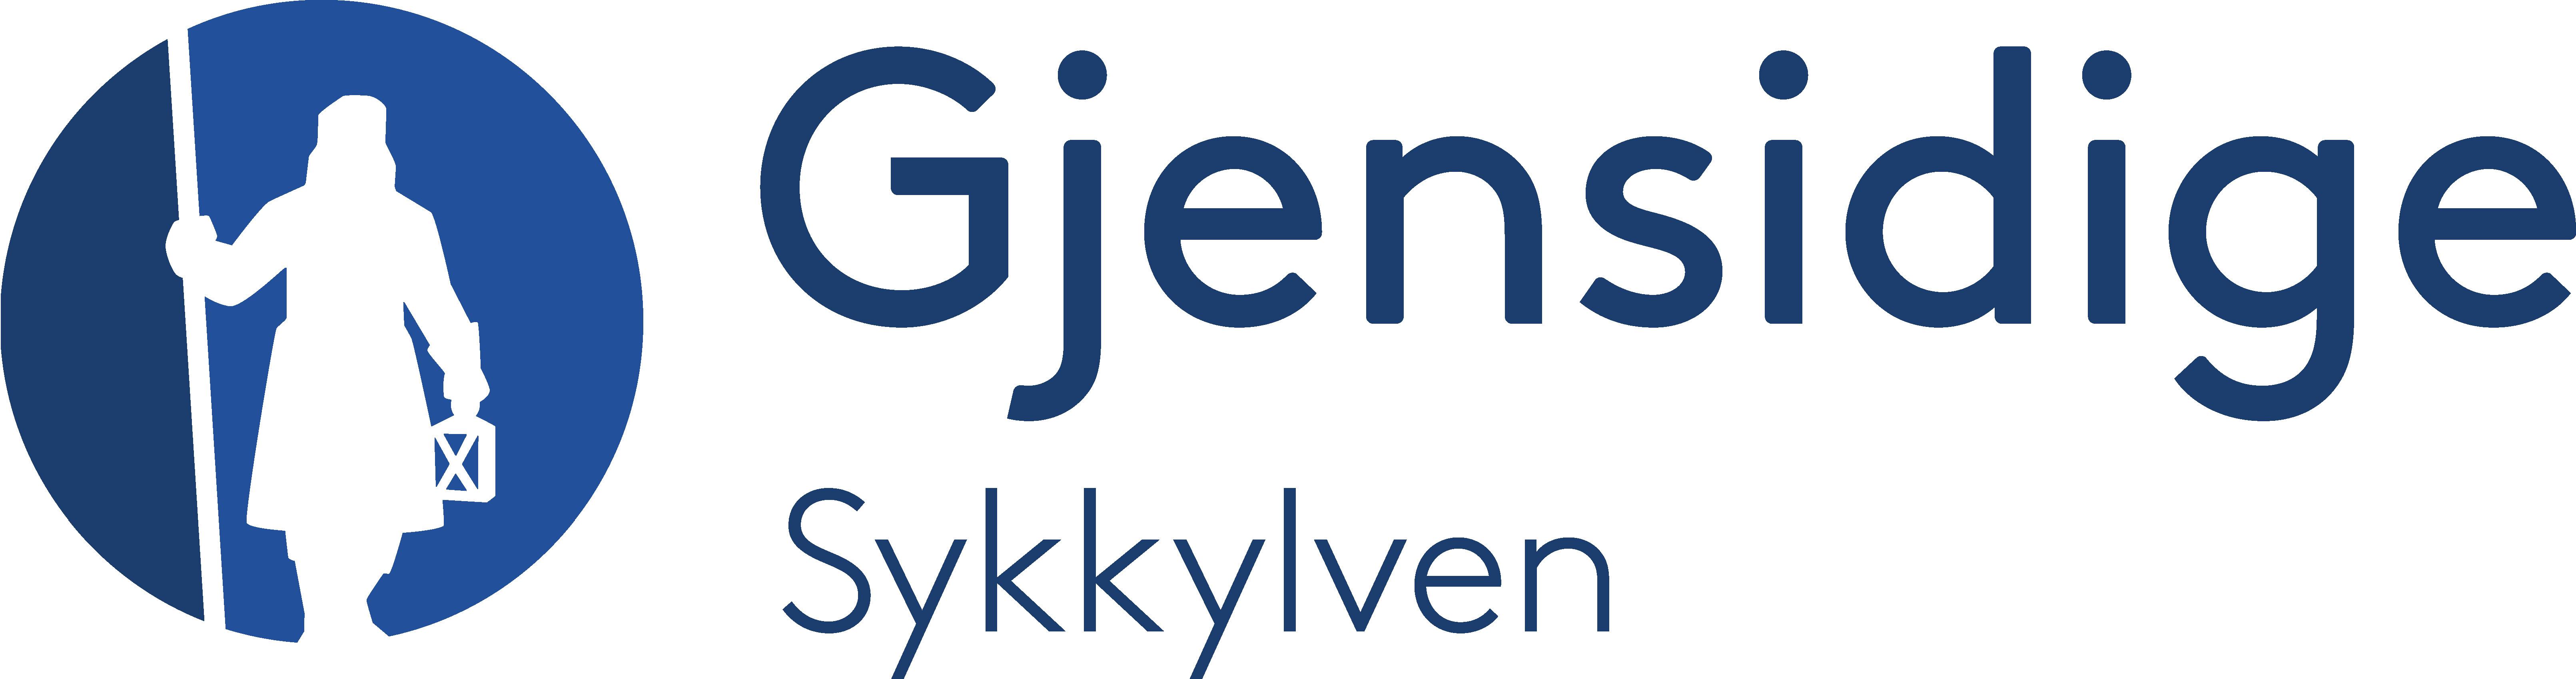 Gjensidige_Sykkylven_logo_RGB